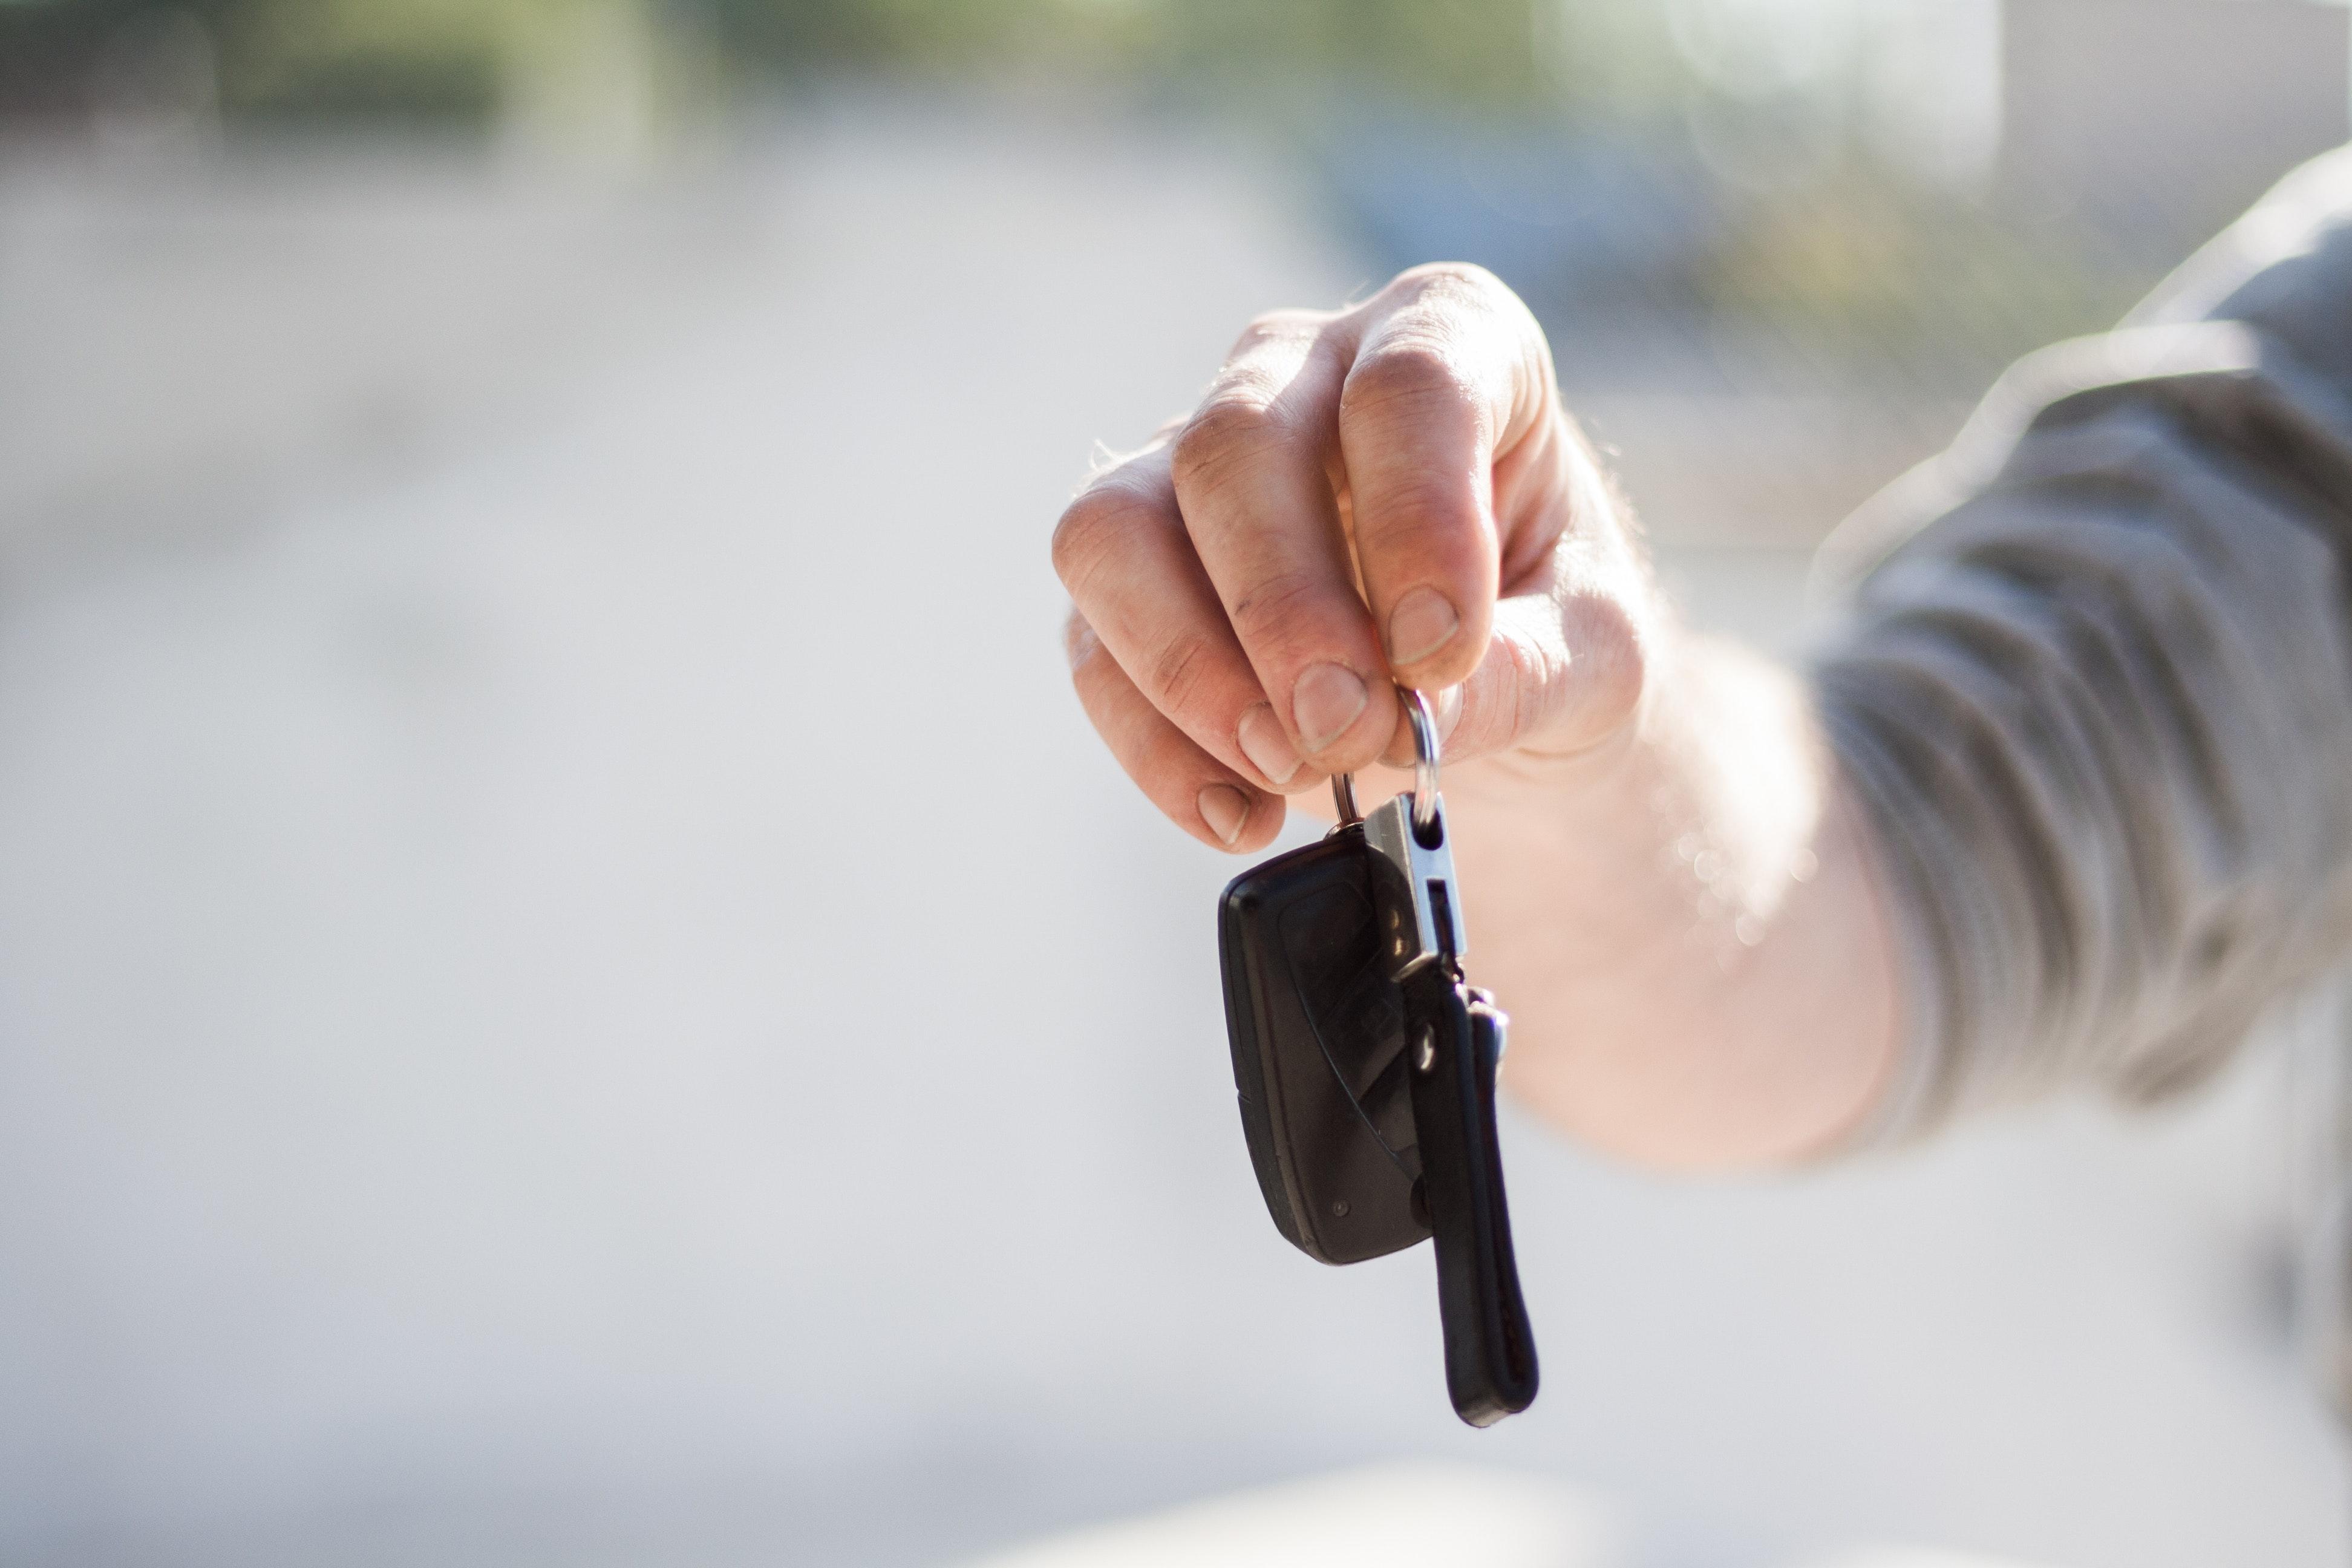 car buying car dealership car key 97079 1